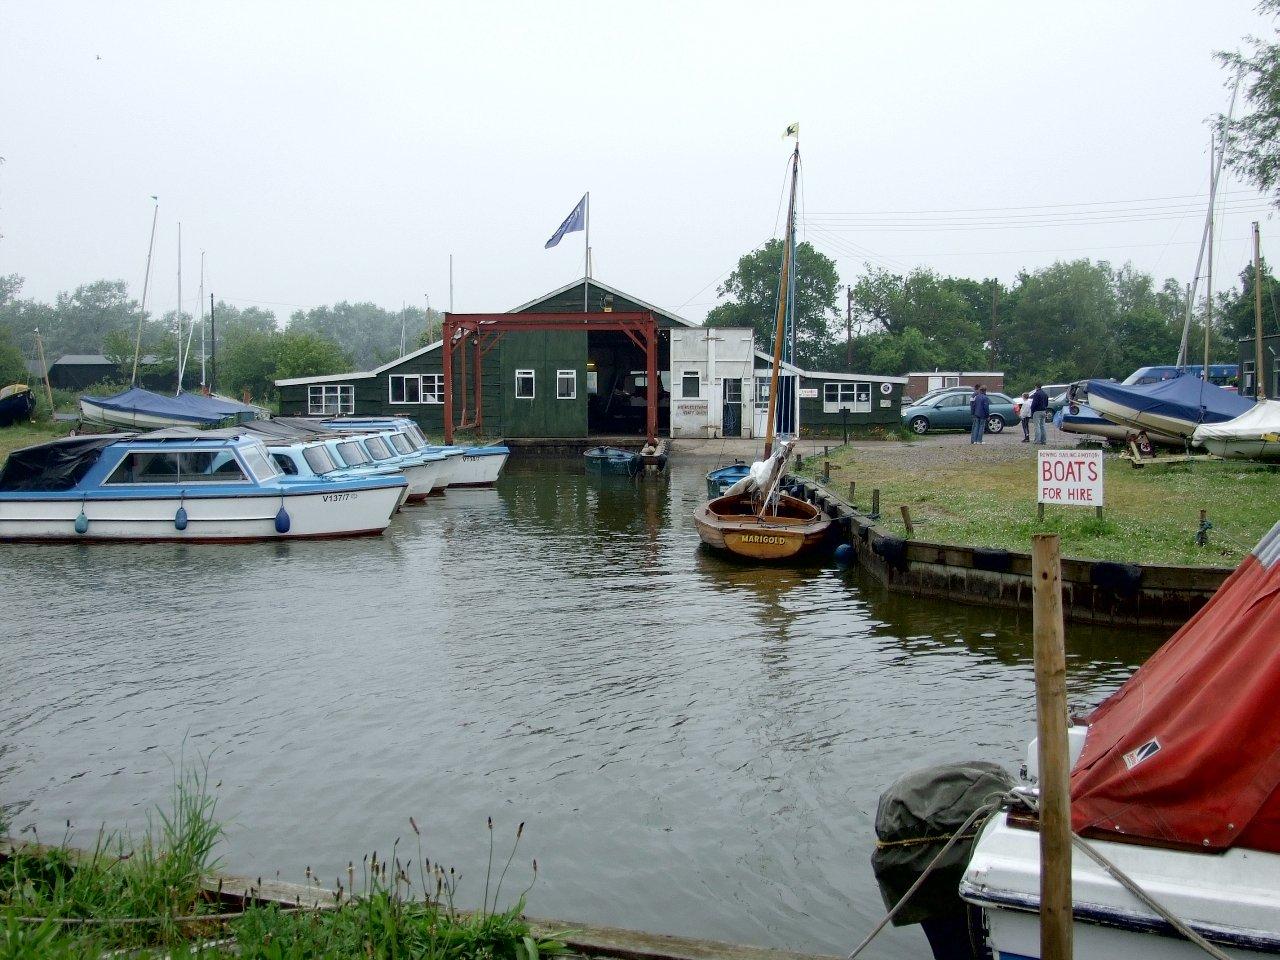 Boat+Shed+Plans boat shed plans